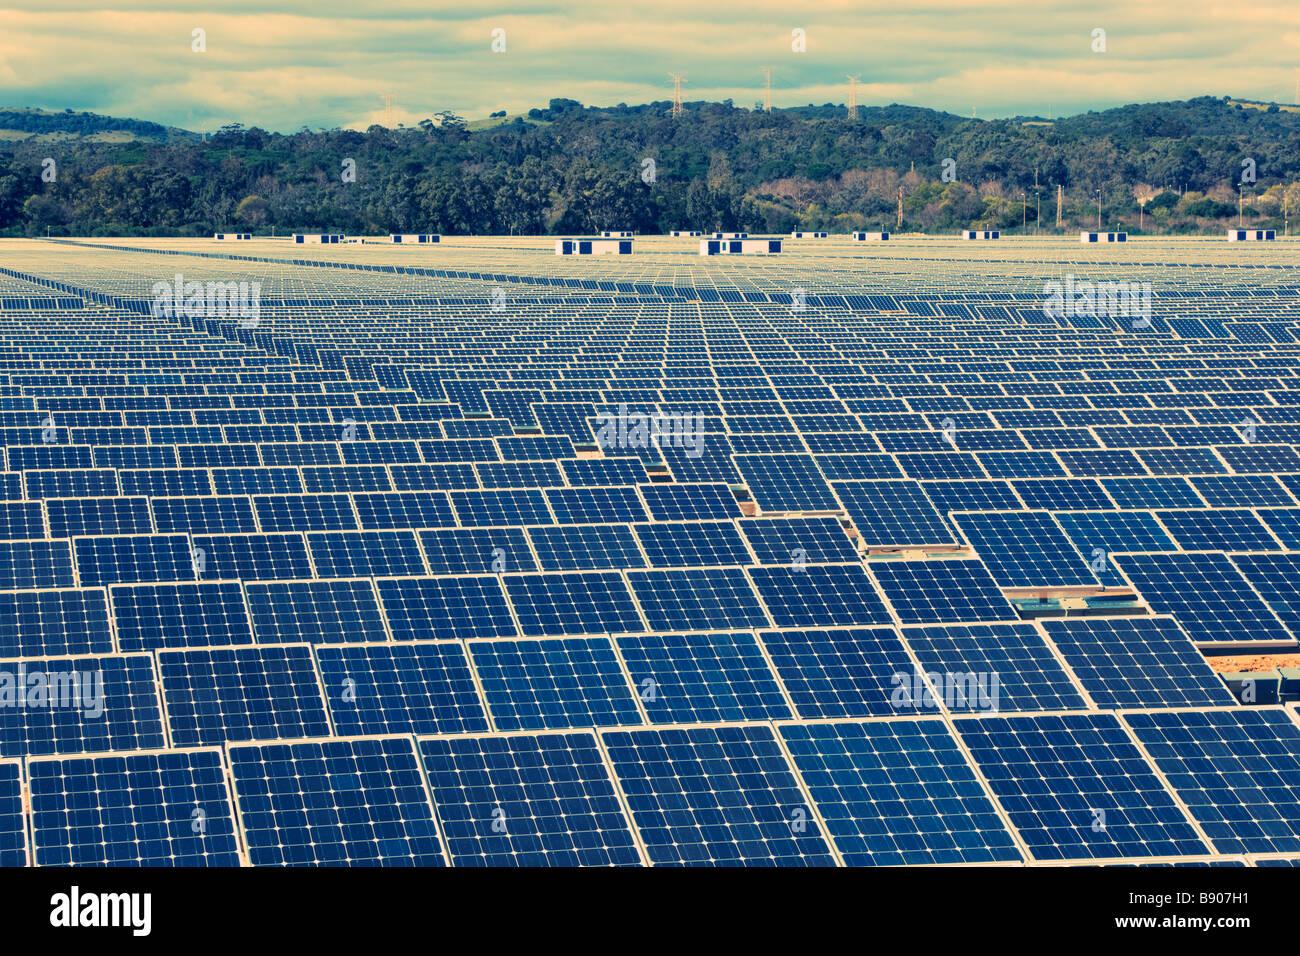 Centro de energía solar cerca de Guadarranque San Roque Cádiz España Imagen De Stock